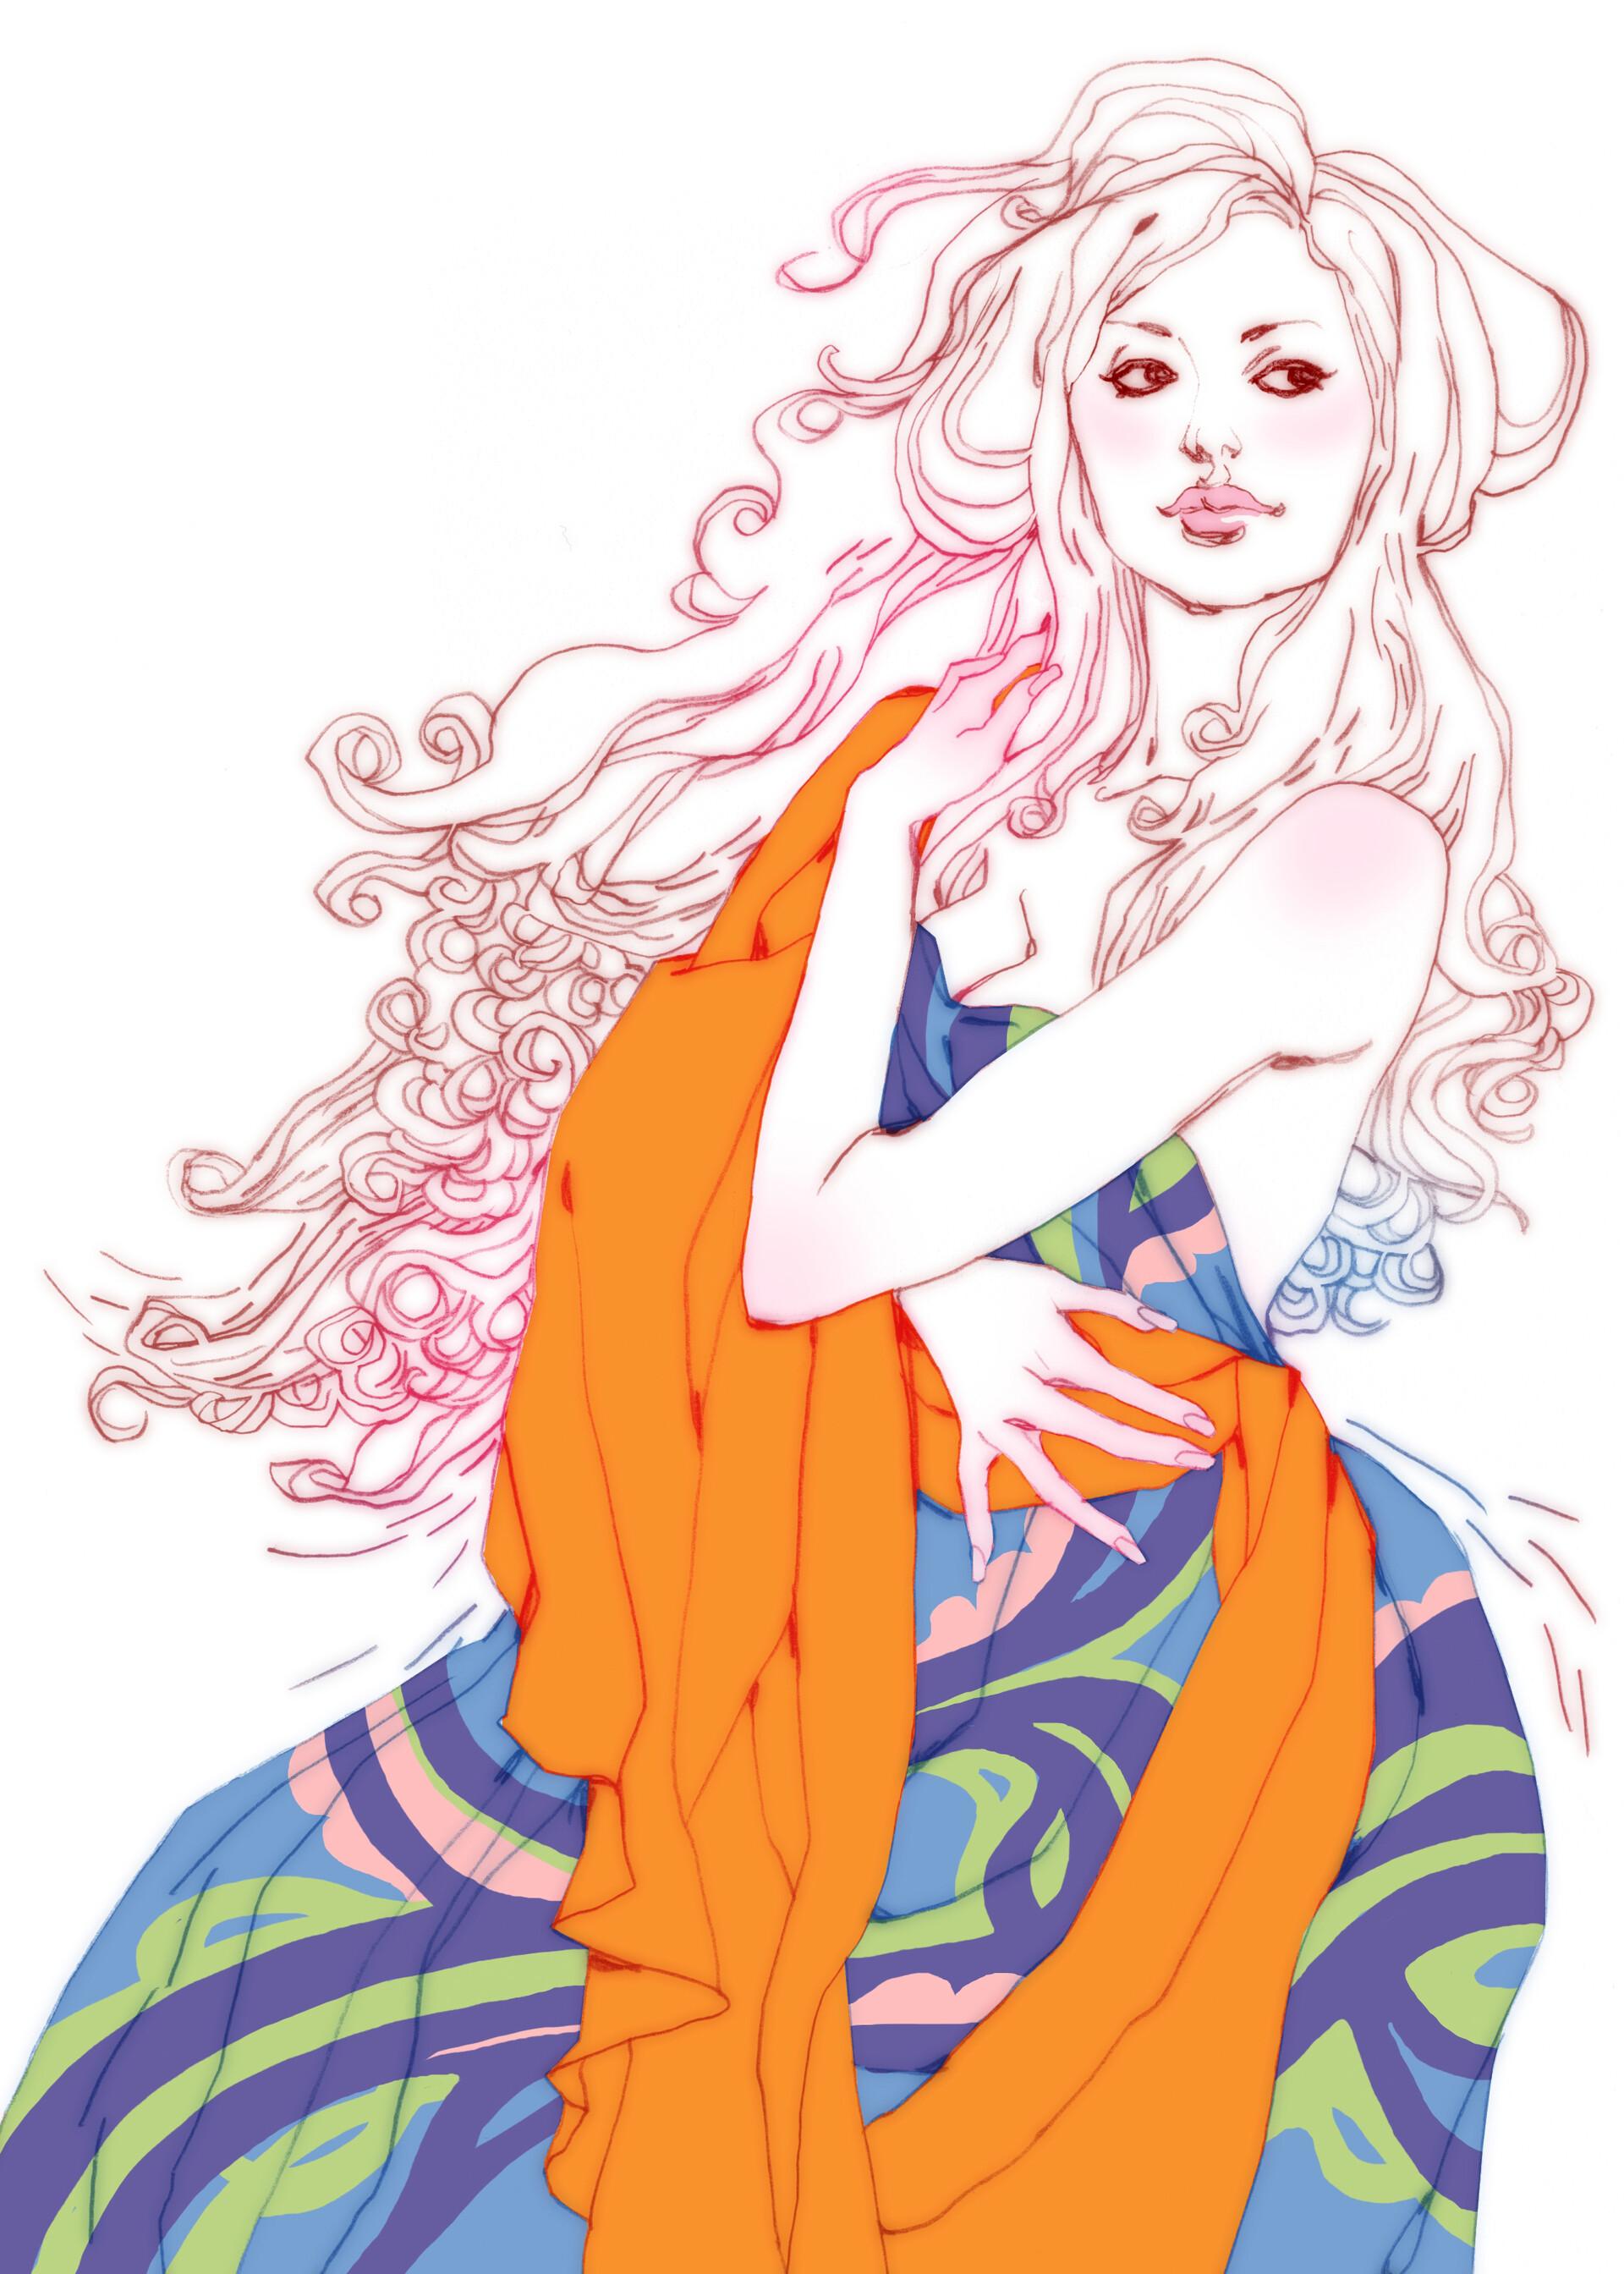 Marguerite sauvage dressandhair 02